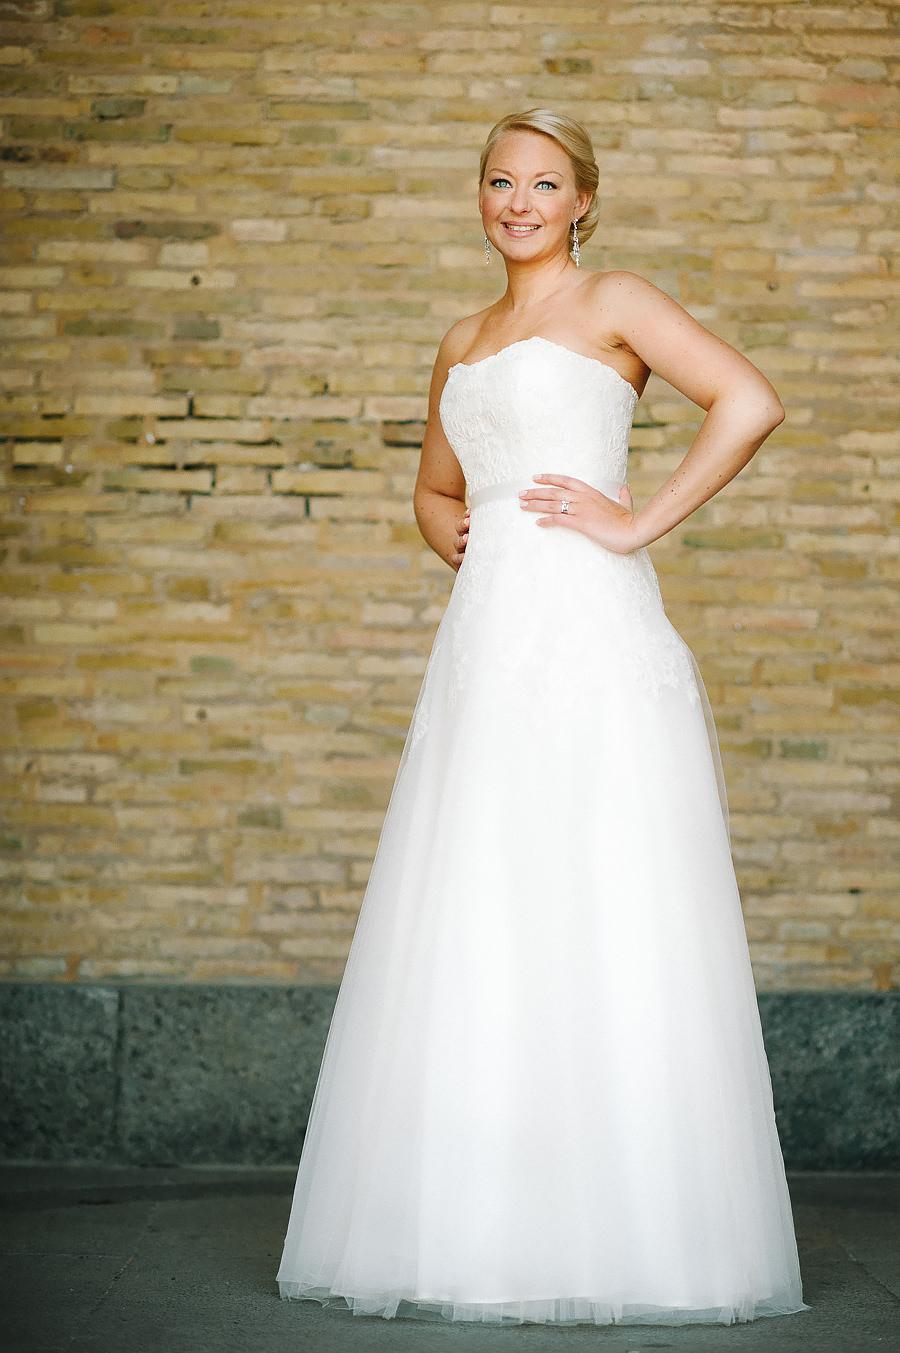 Fotograf Göteborg - bröllopsporträtt vid Konstmuseet - bruden i brudklänning